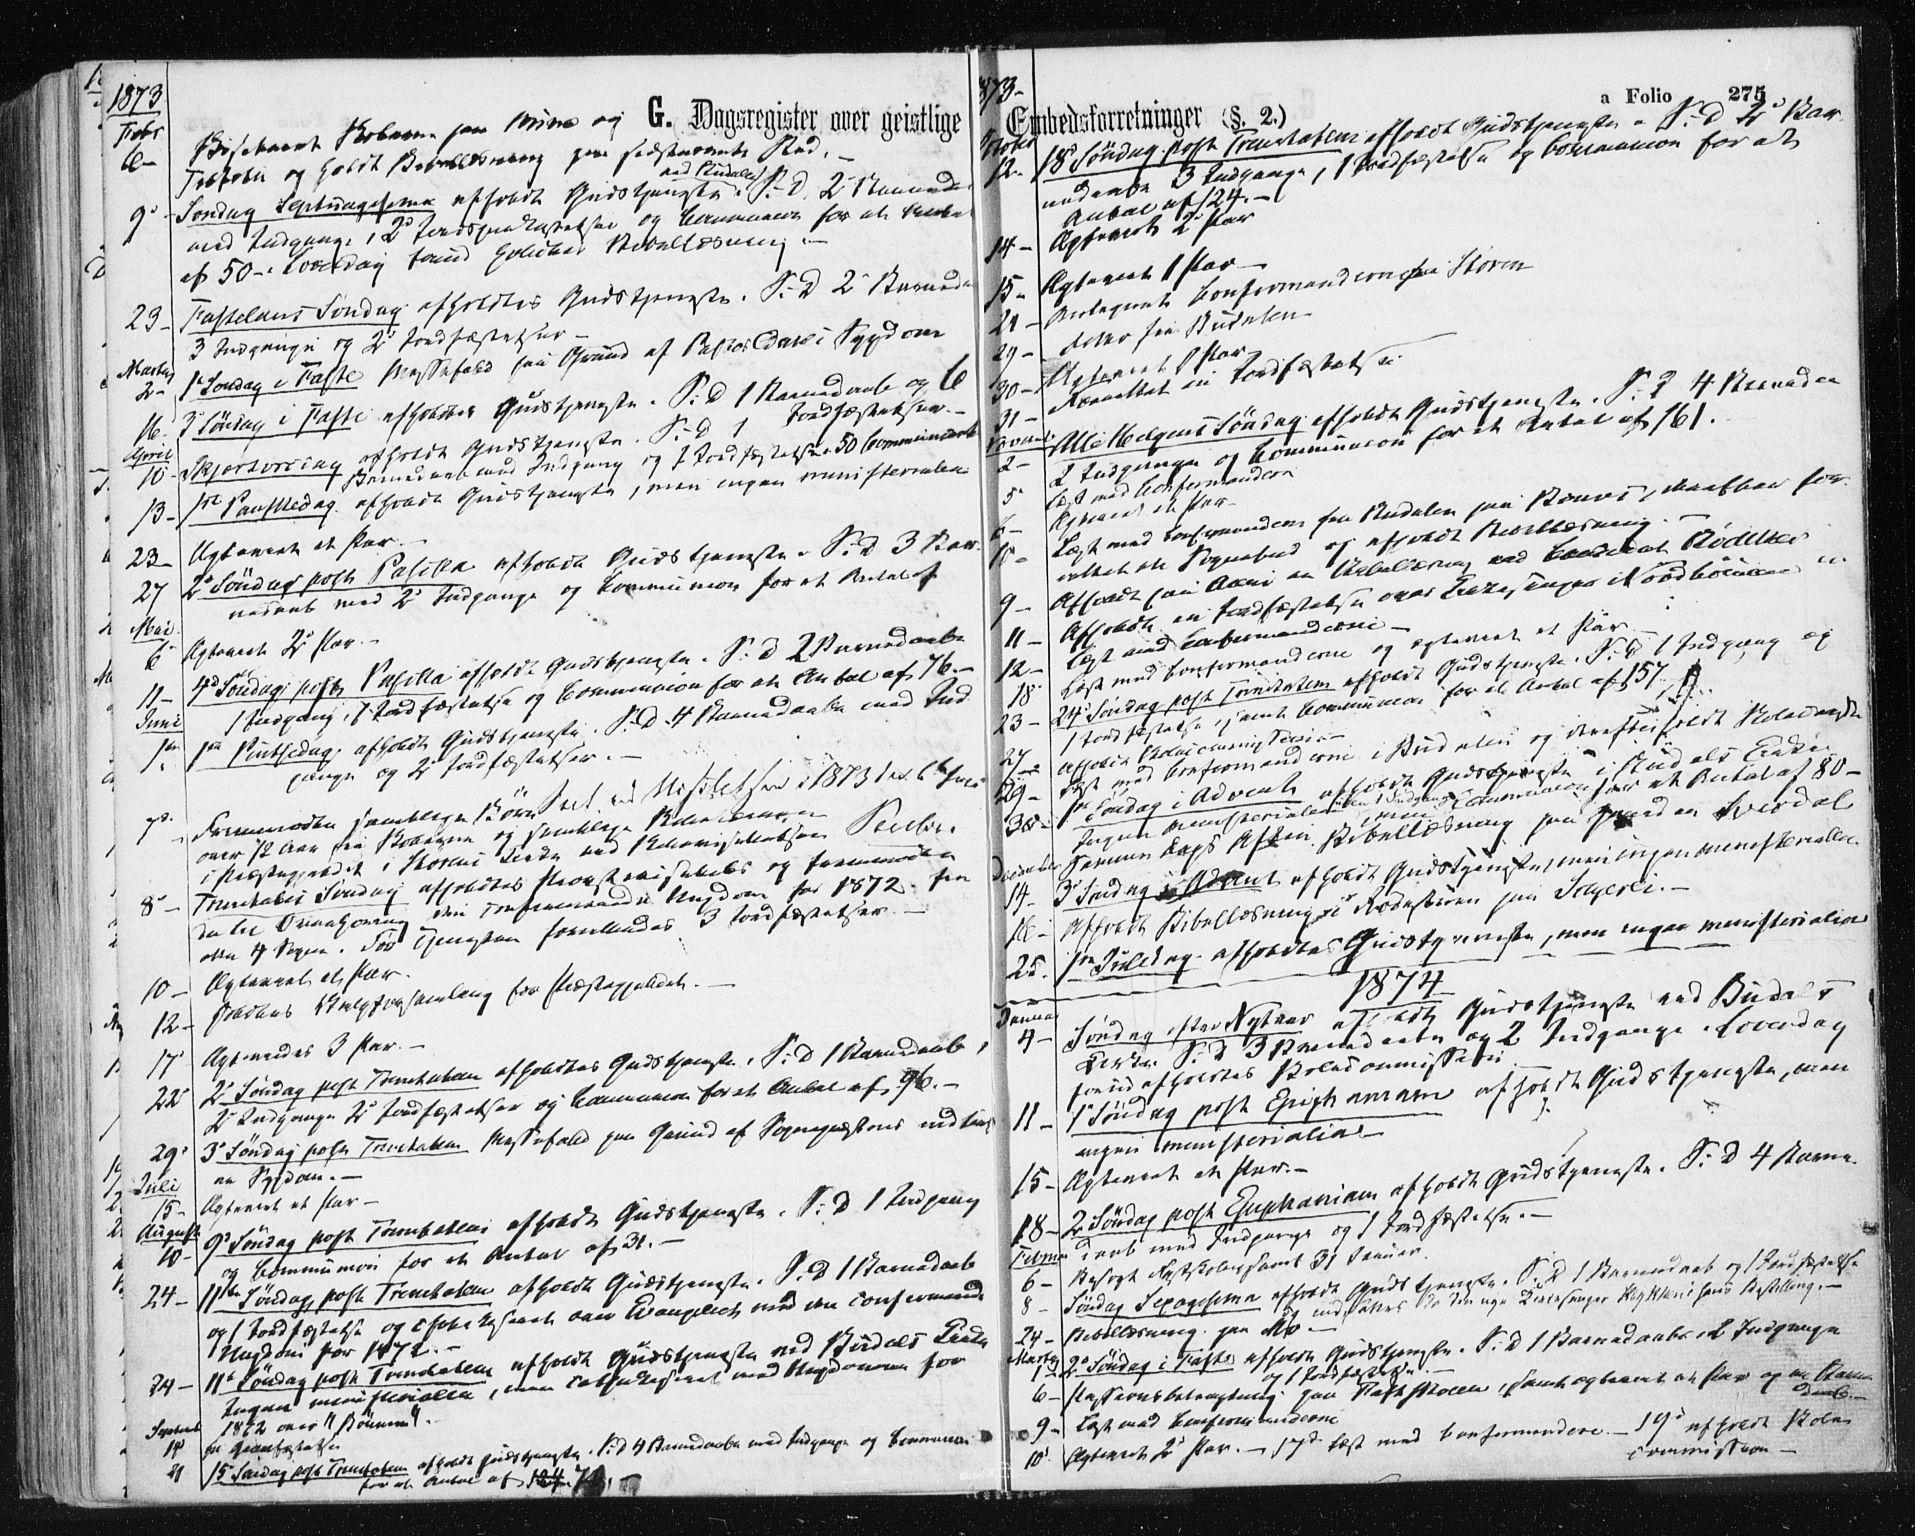 SAT, Ministerialprotokoller, klokkerbøker og fødselsregistre - Sør-Trøndelag, 687/L1001: Ministerialbok nr. 687A07, 1863-1878, s. 275